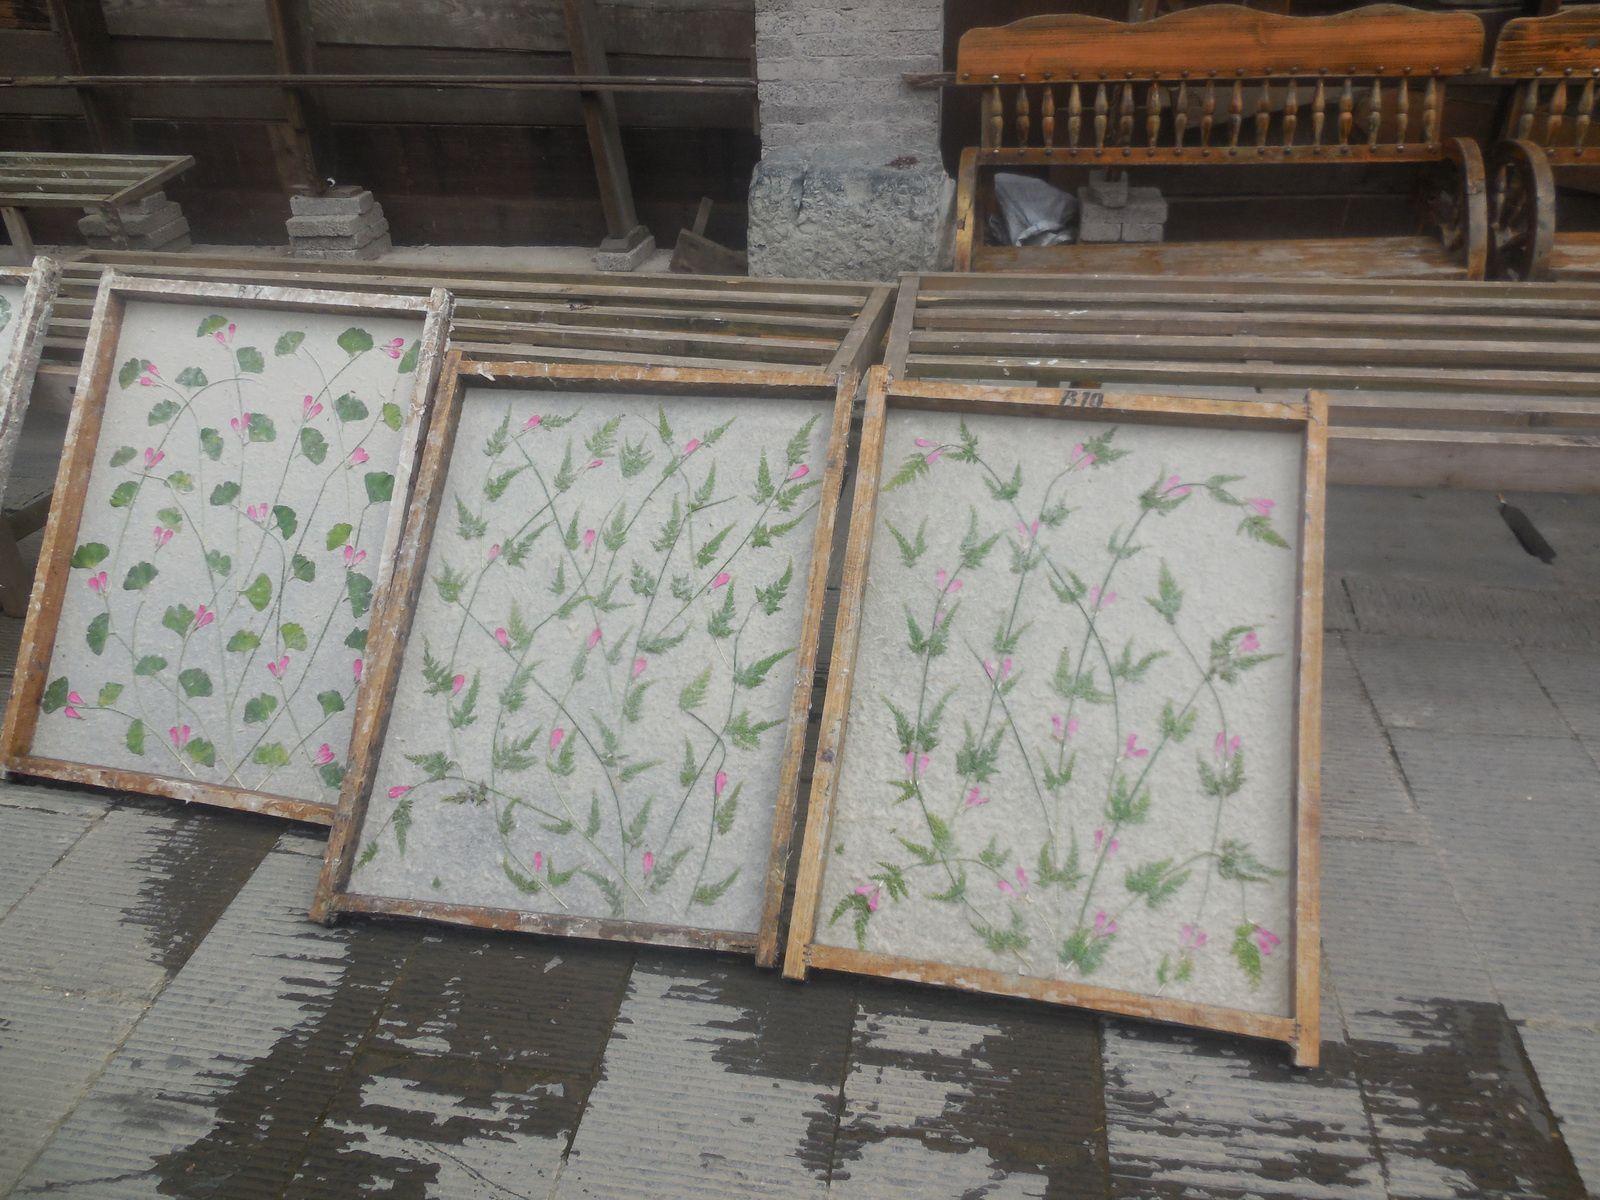 Papier utilisé pour la peinture et la calligraphie chinoise...